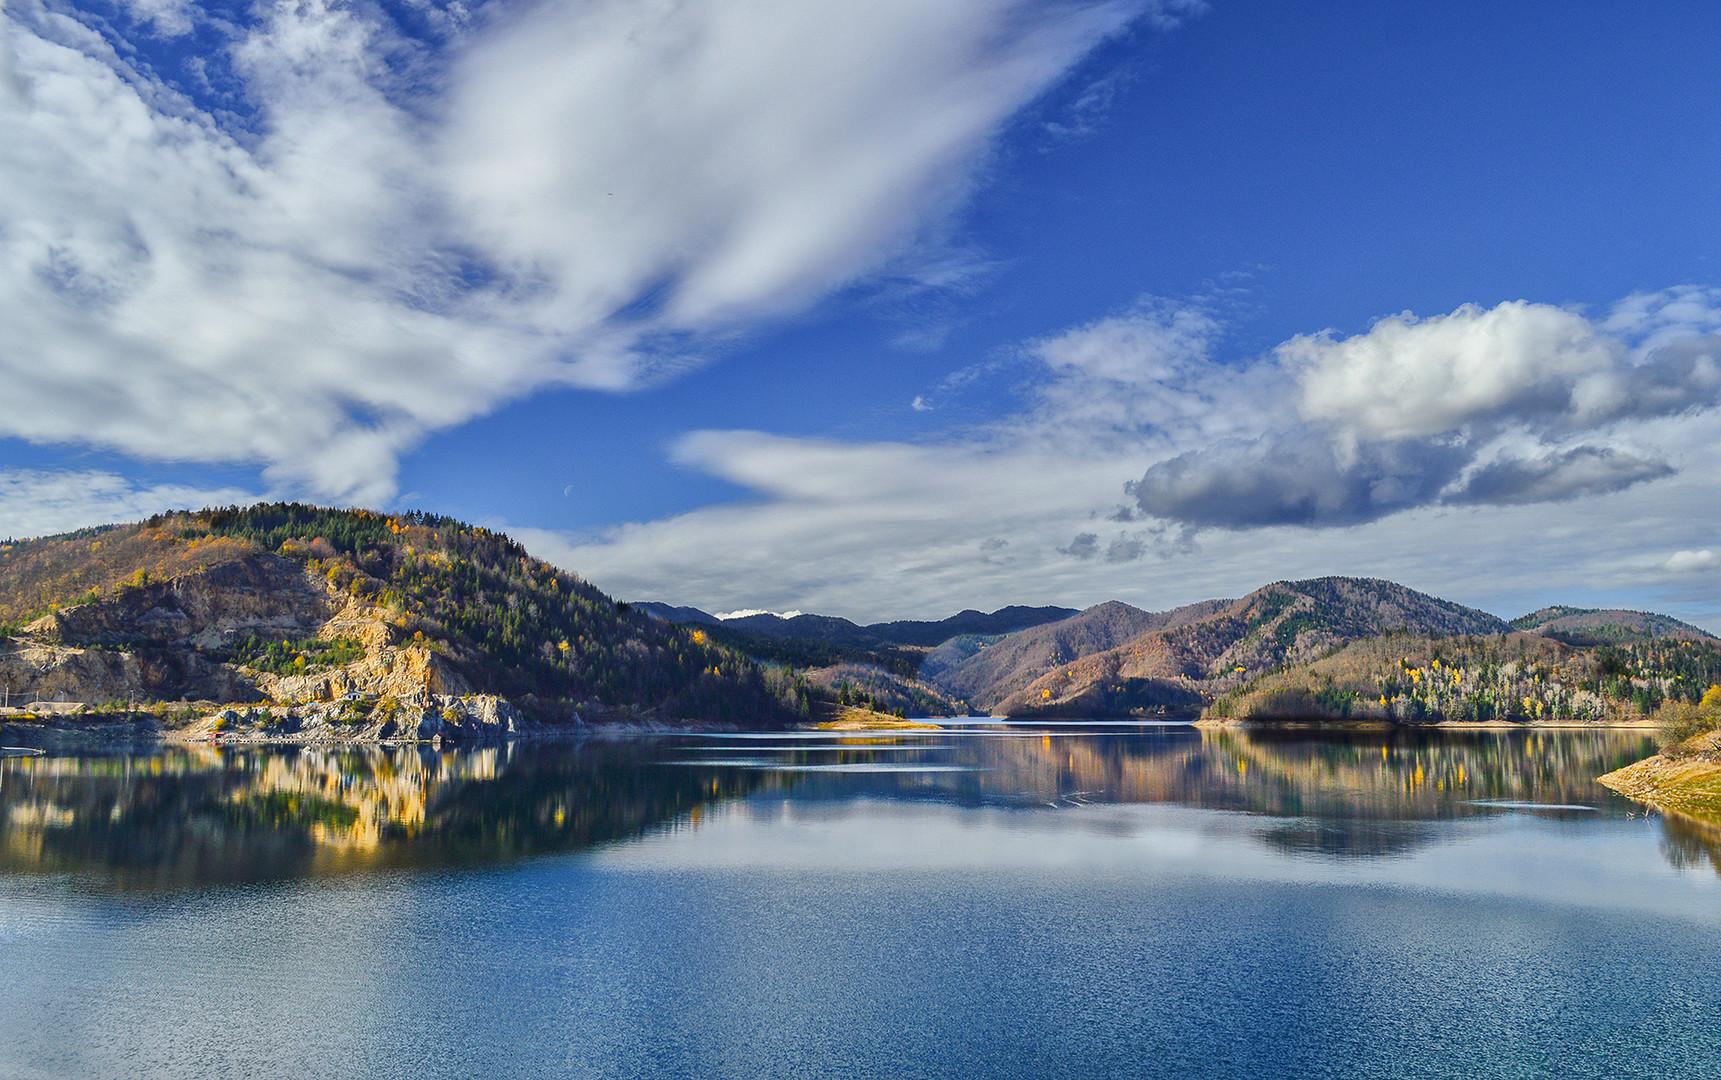 Tarska bajka sa jezera Zaovine.